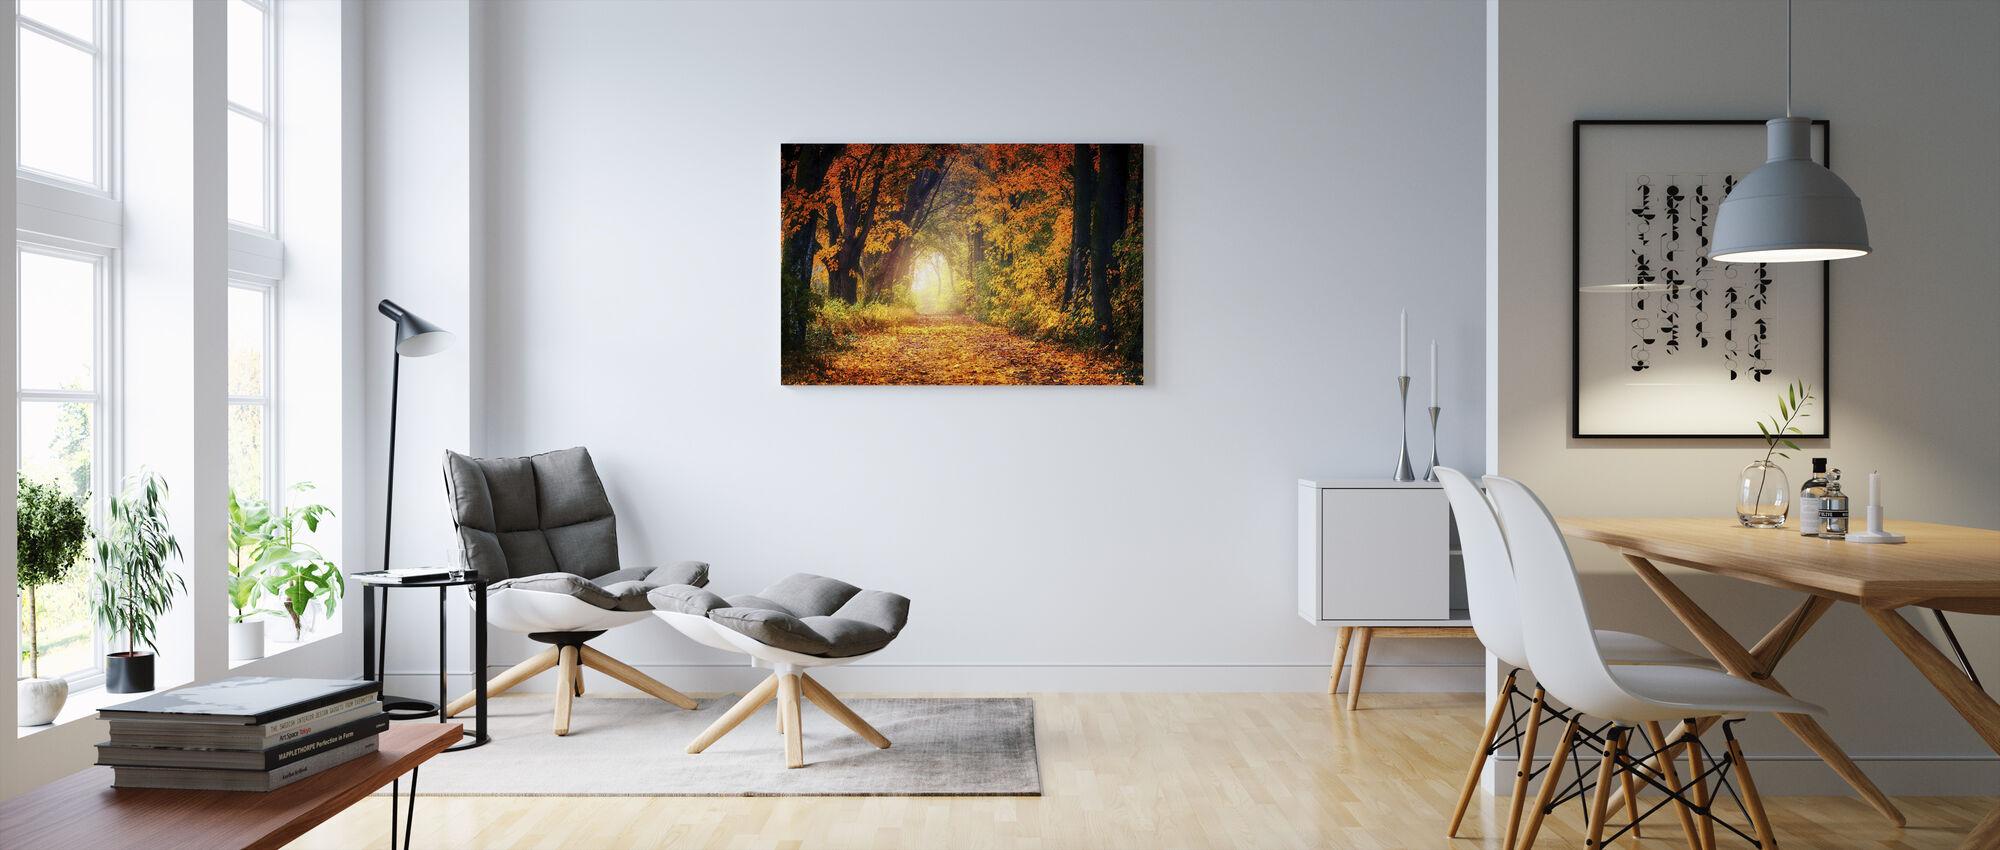 Metsä polku - Canvastaulu - Olohuone